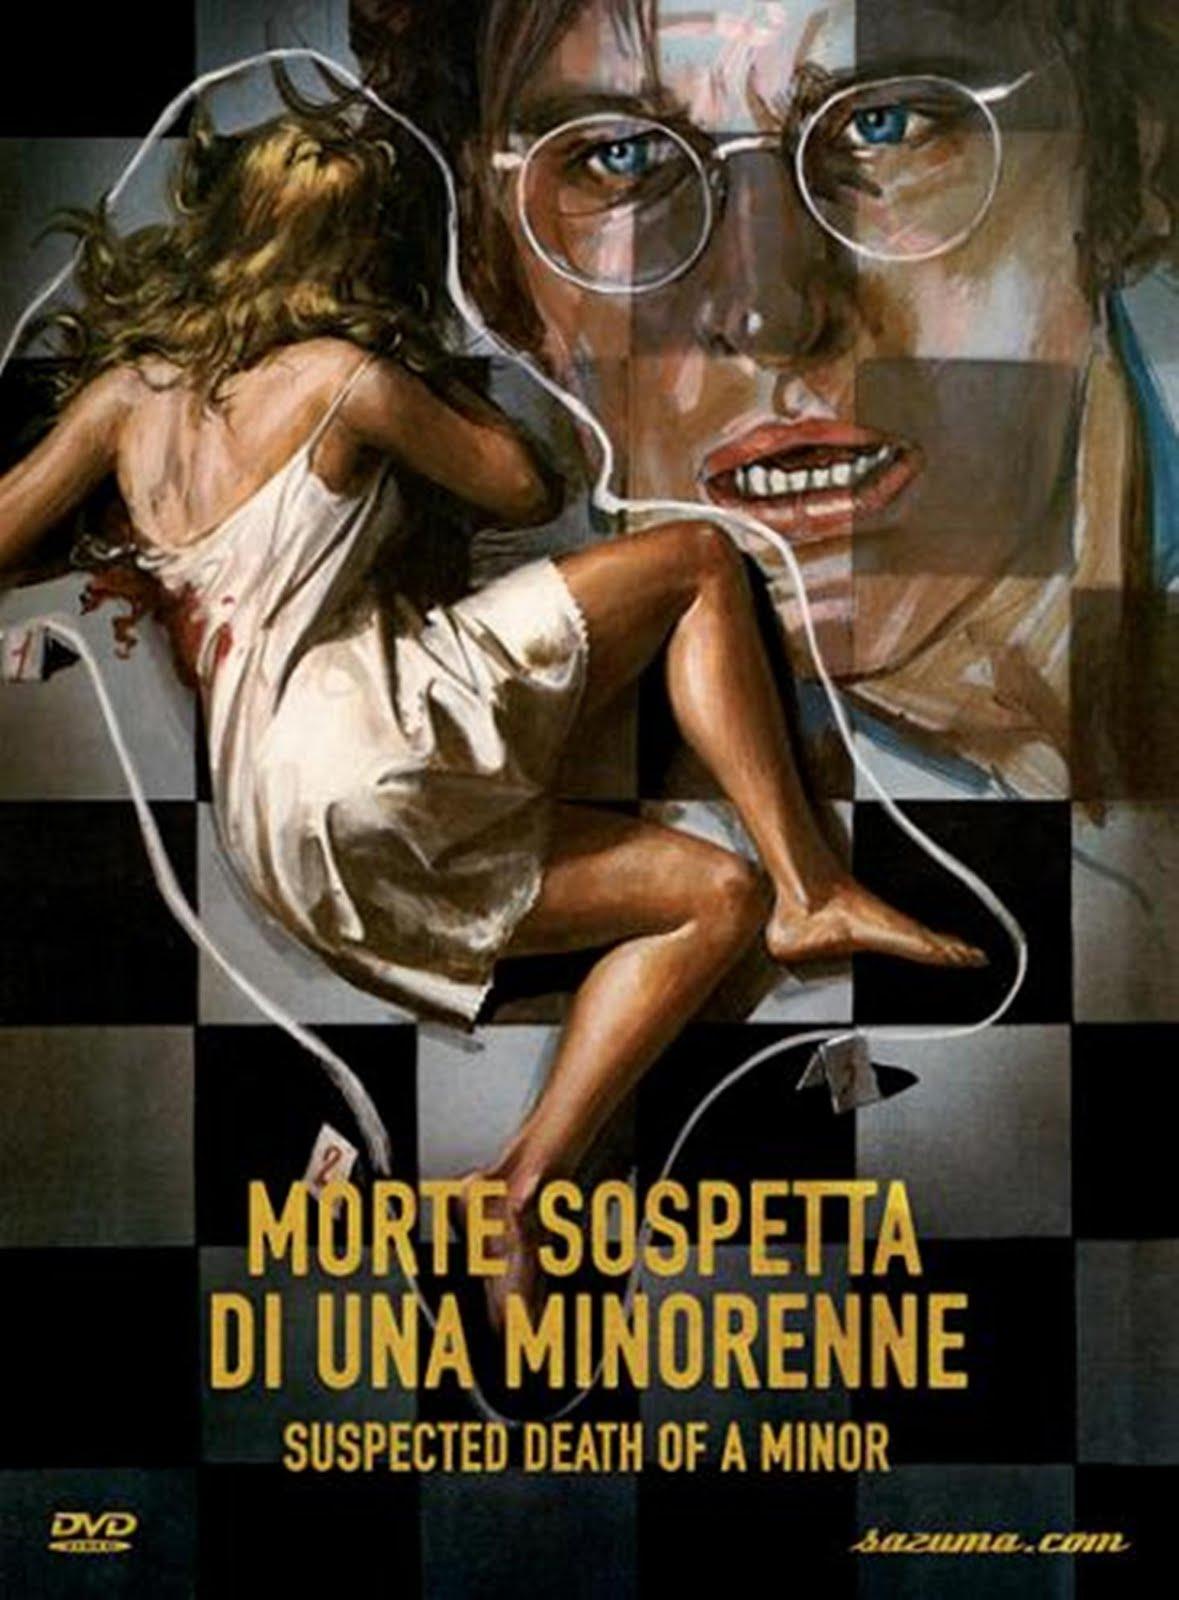 Morte sospetta di una minorenne Sergio Martino 1975